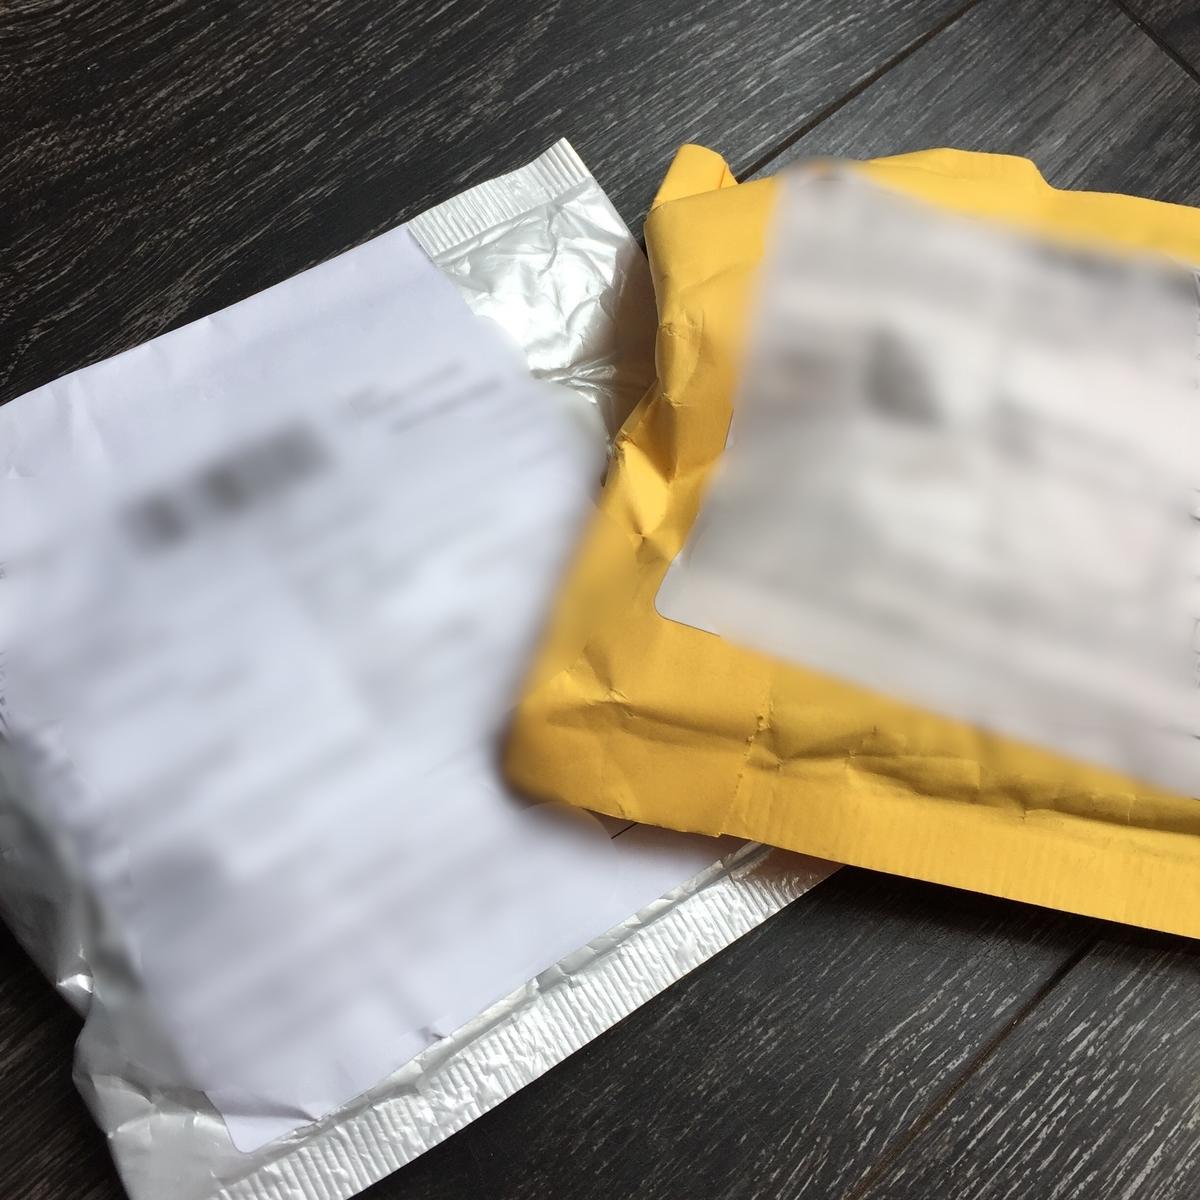 f:id:harinezumi-no-hachiko:20190407101731j:plain